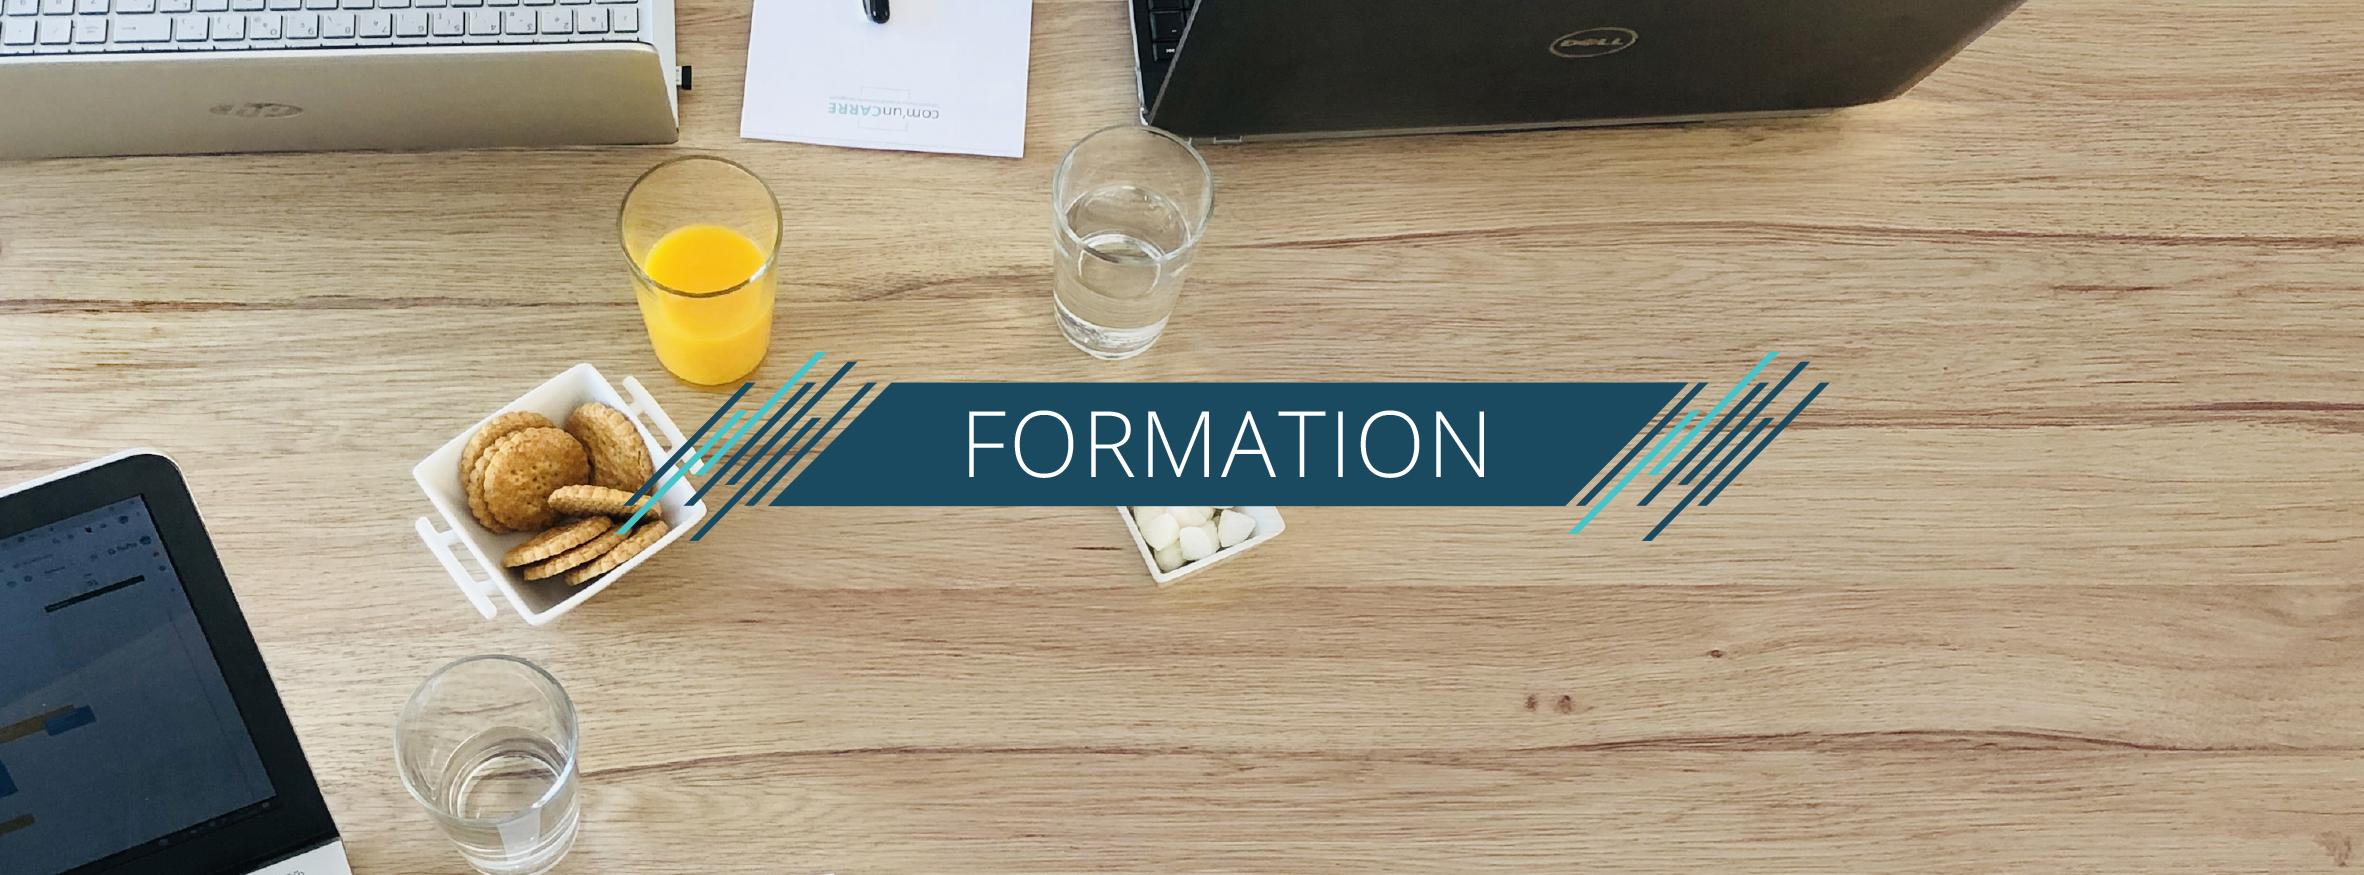 COM UN CARRE-Formation social media